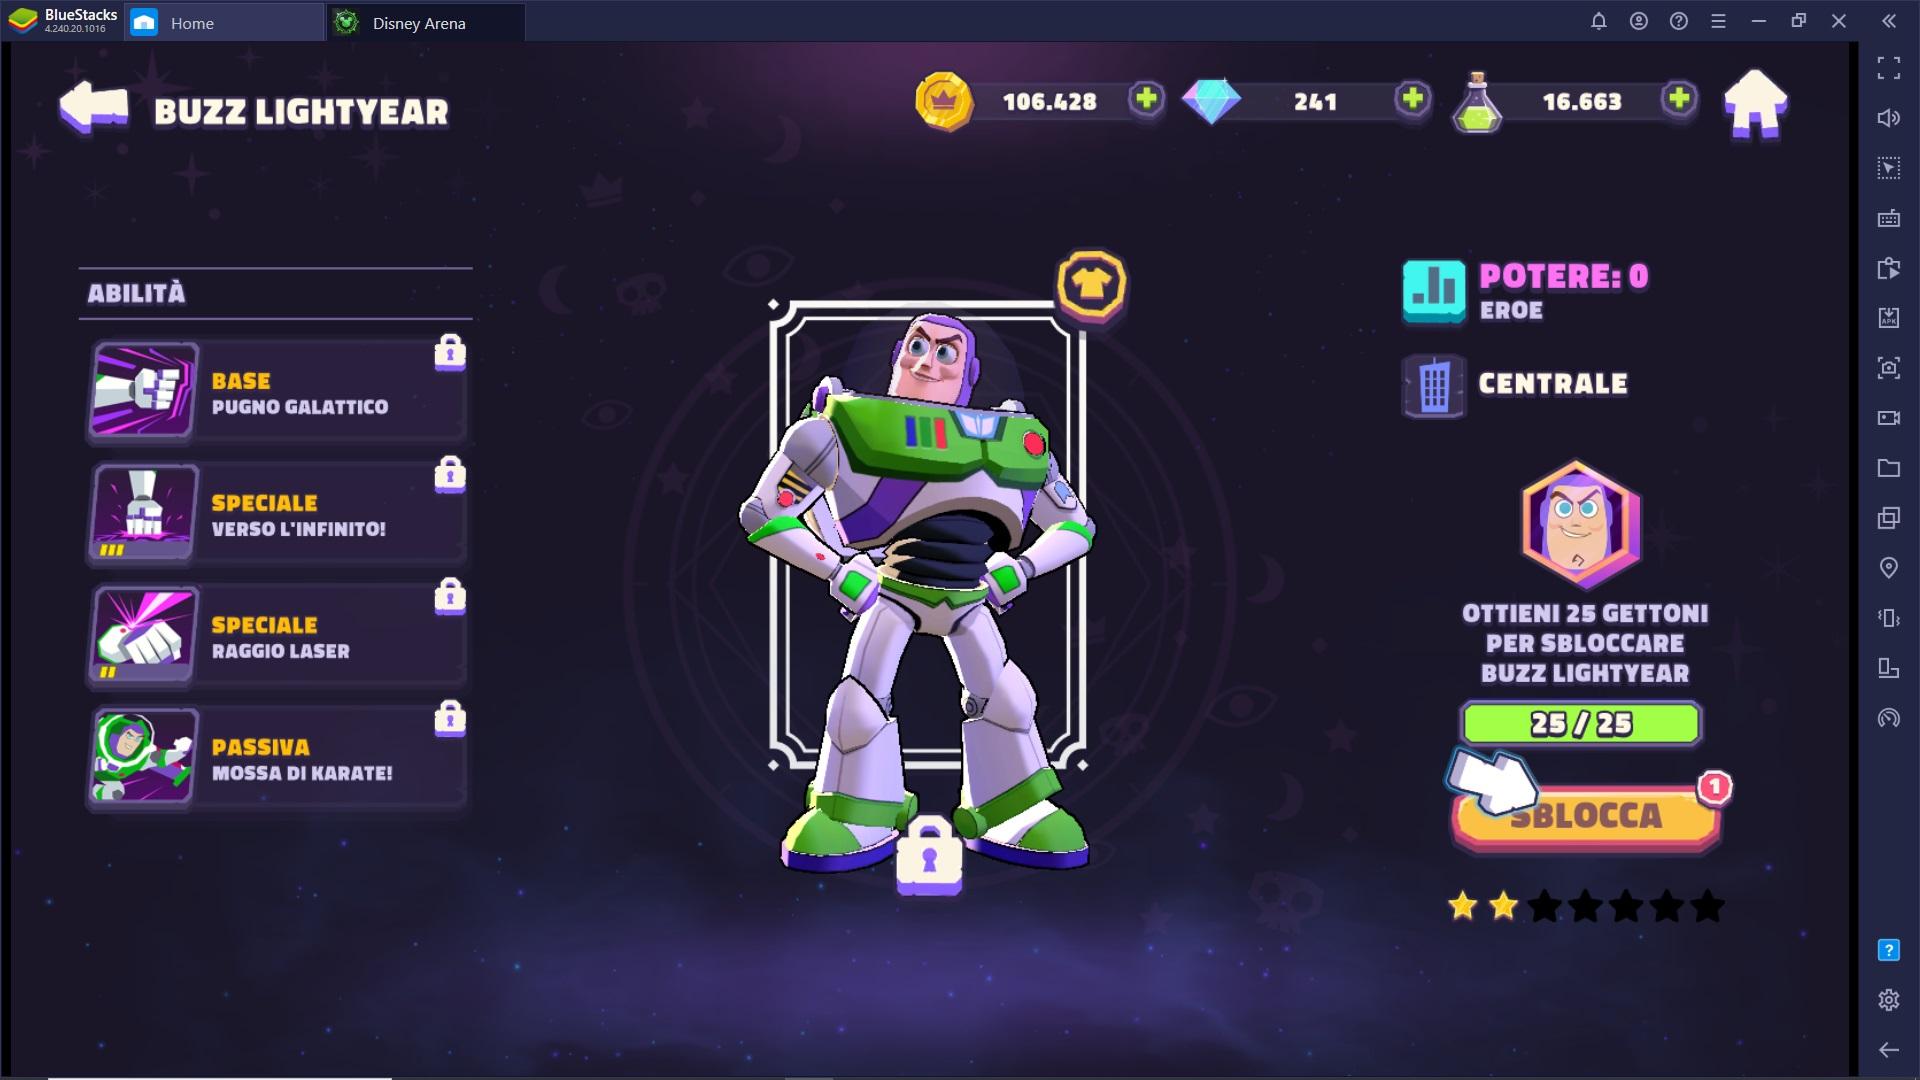 Gioca a Disney Sorcerer's Arena su PC e Mac con BlueStacks